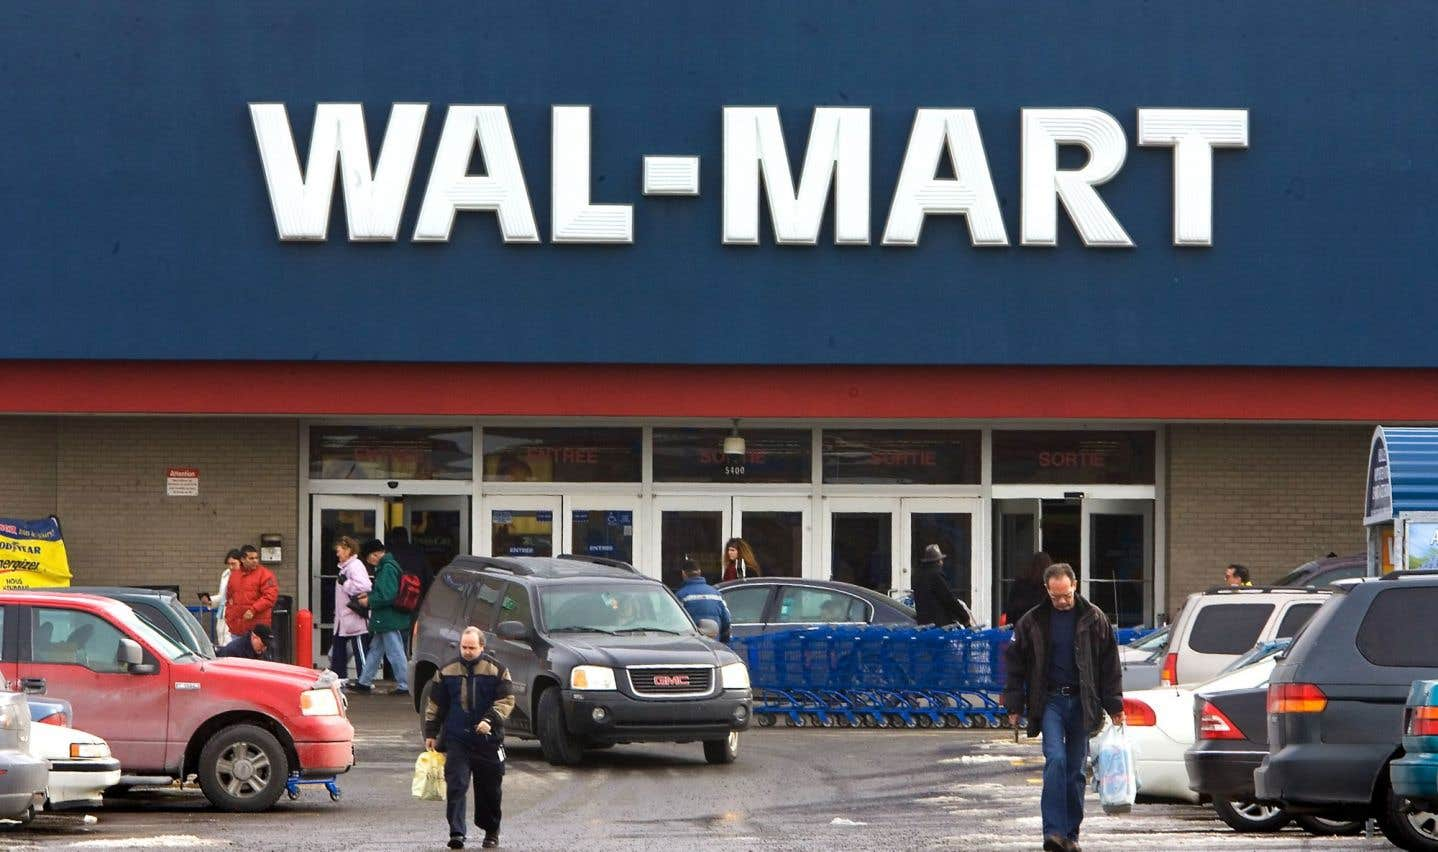 Les ventes en ligne de Walmart explosent, mais son bénéfice recule